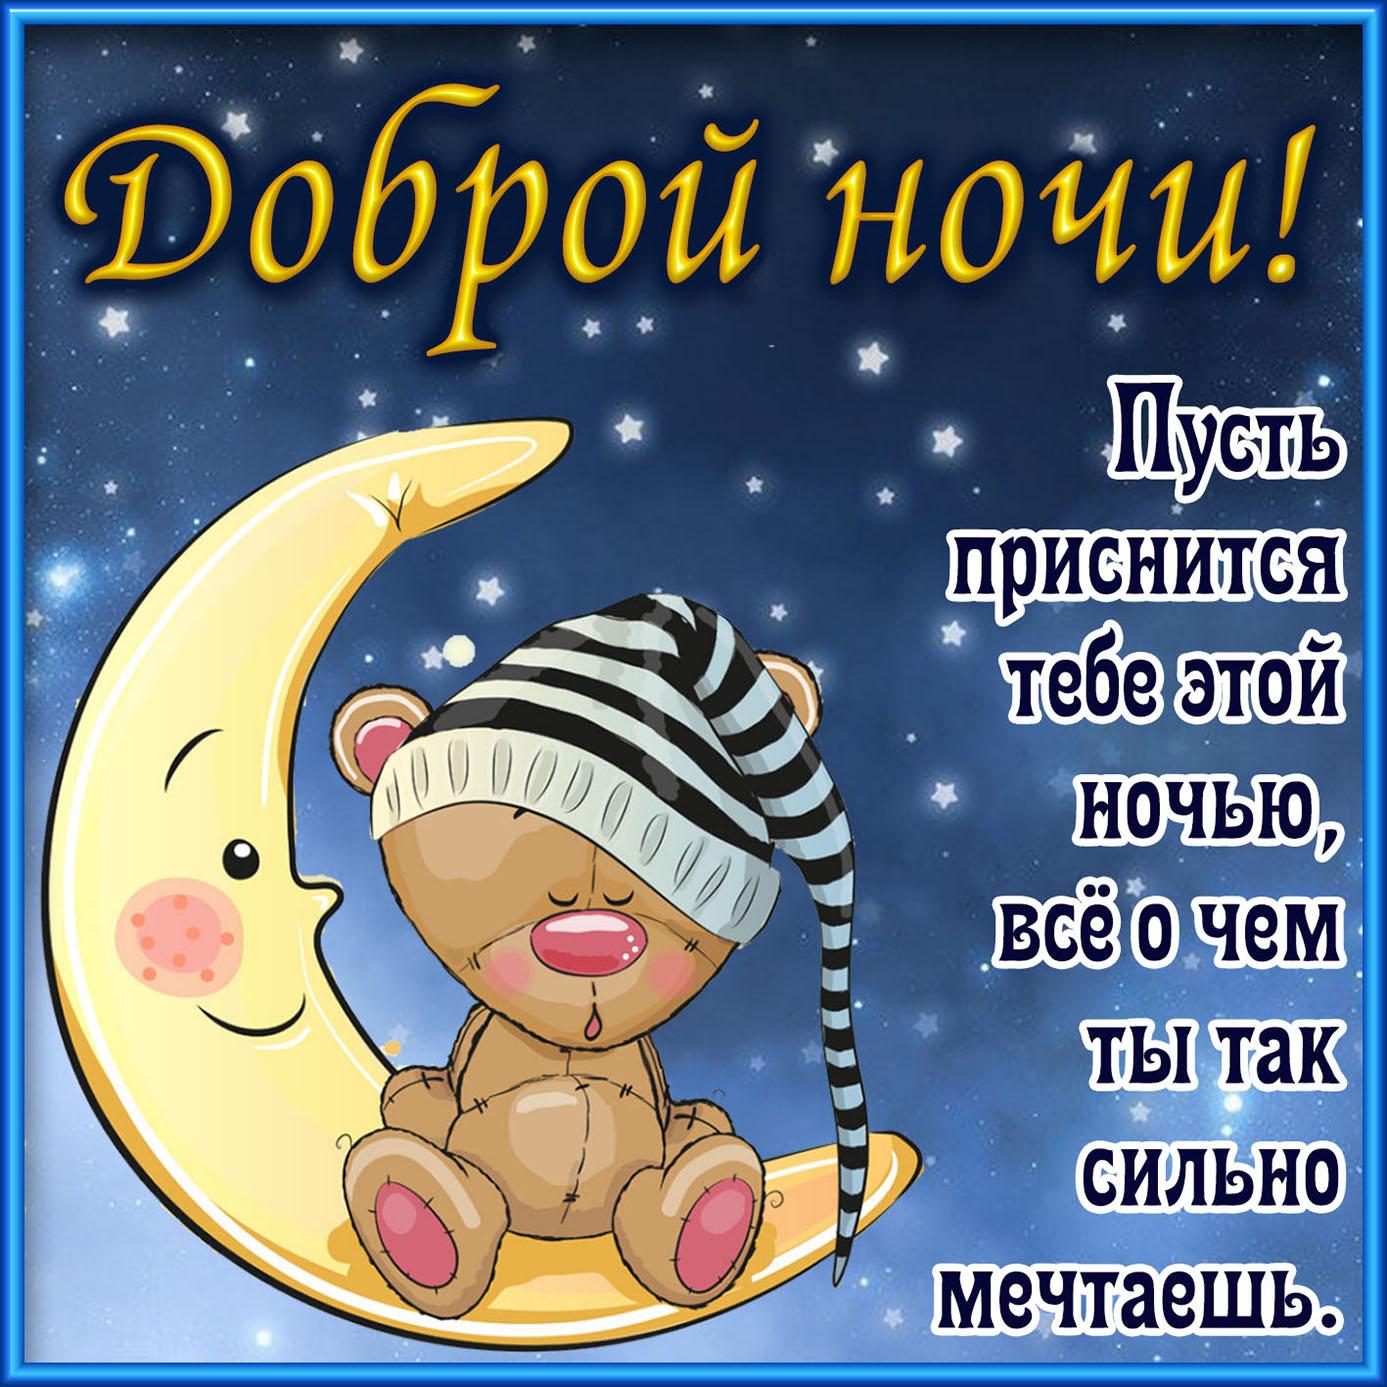 восточные пожелания доброй ночи чтобы